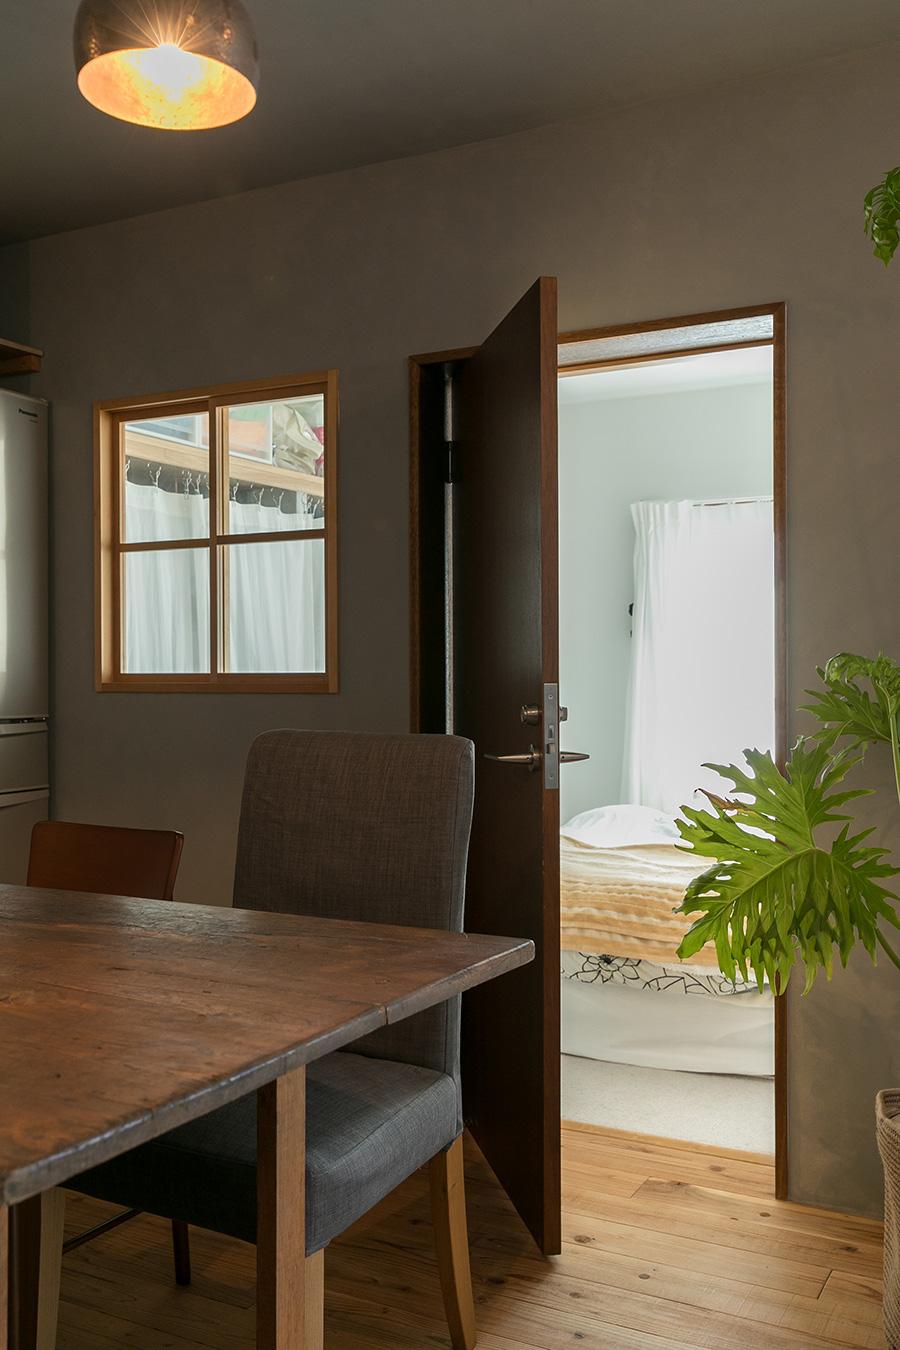 ドアの向こうが、2面採光の明るく気持ちのいい寝室。寝室とダイニングの間に、田の字の正方形の窓を作った。